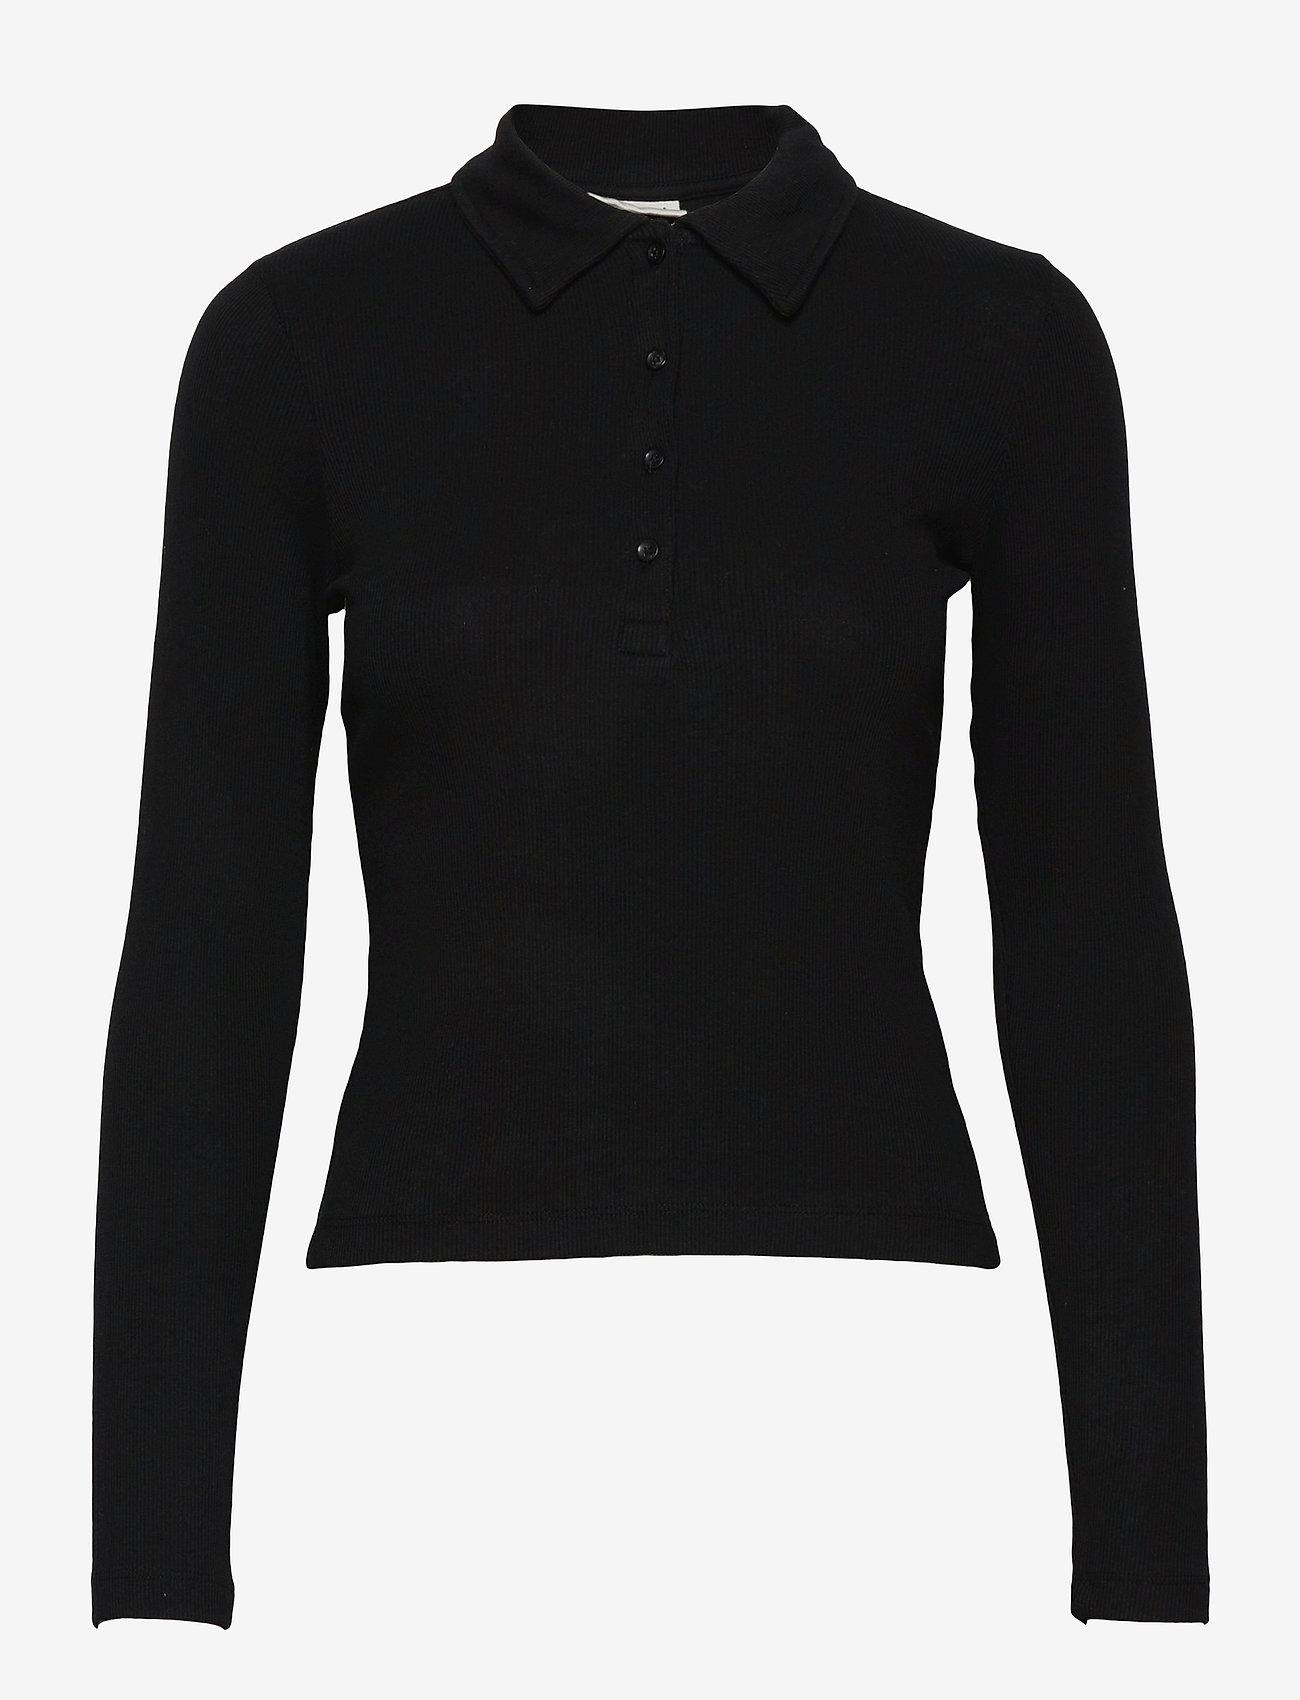 Gina Tricot - Bea top - polohemden - black (9000) - 0